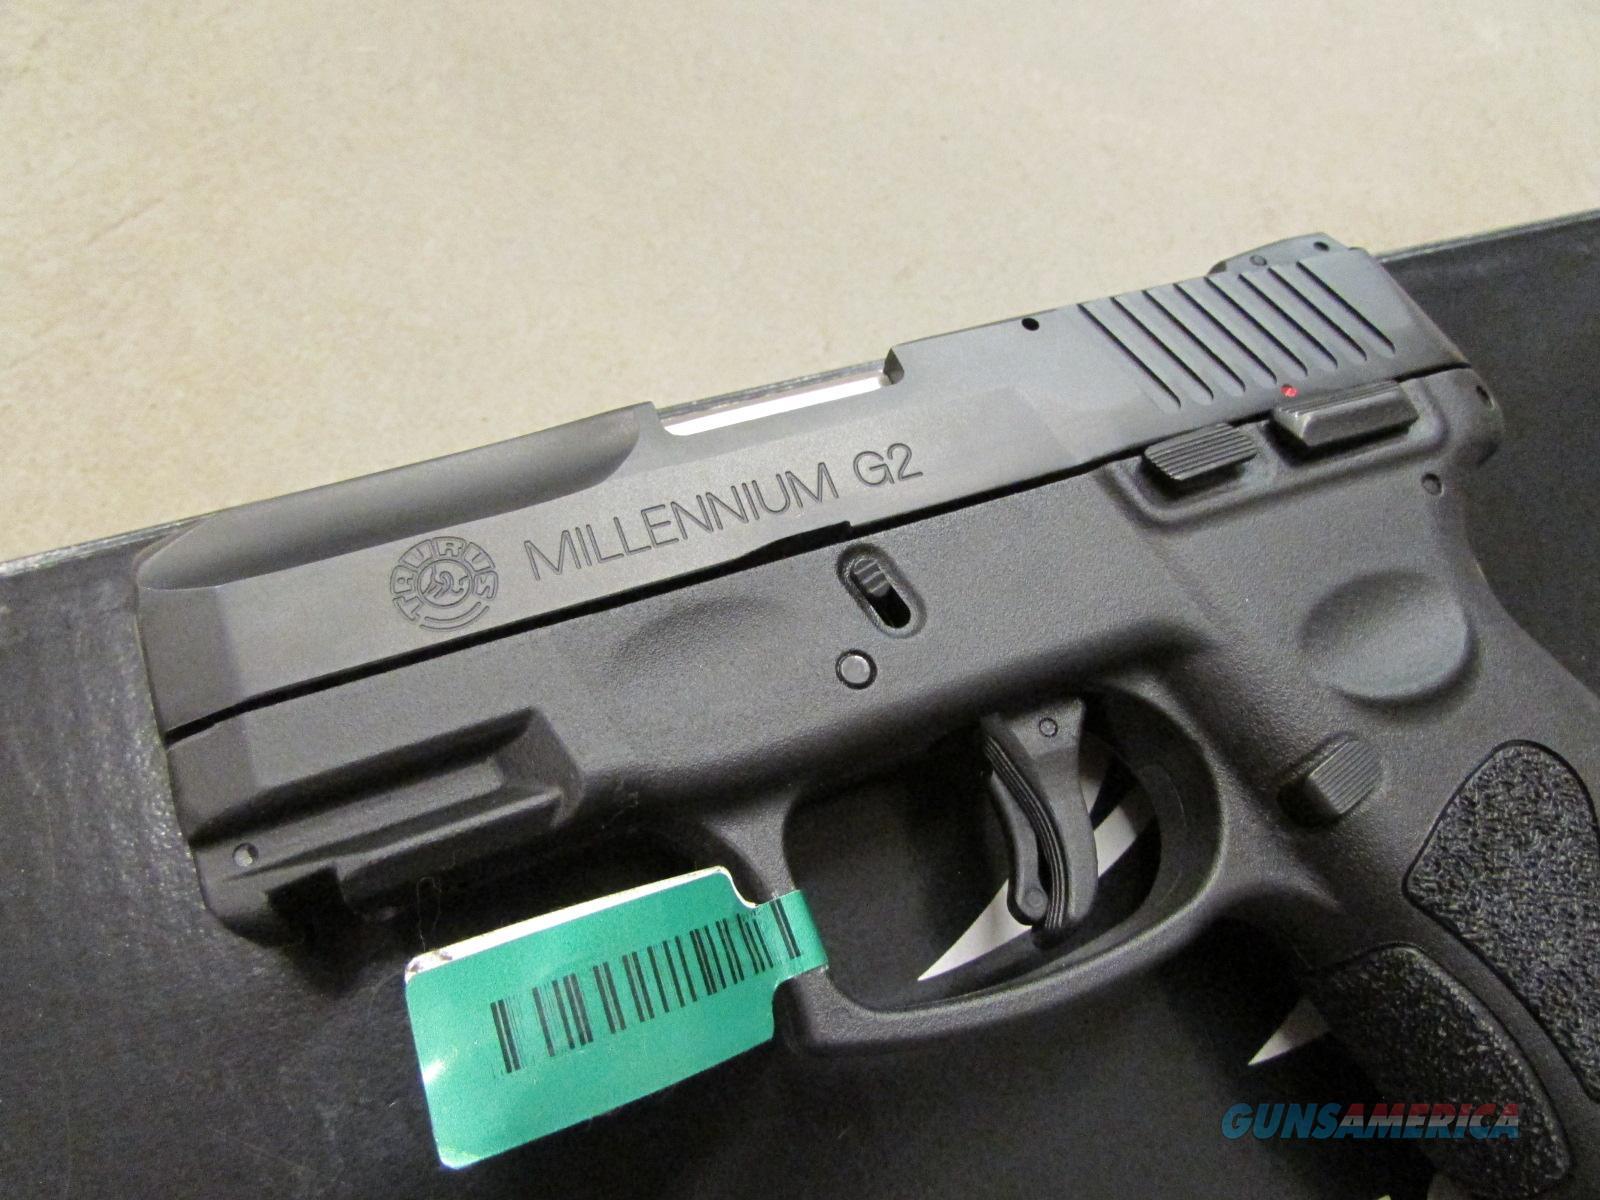 Taurus Pt111 Millennium G2 9mm 12 Rd 1 111031g2 For Sale Schematics 9790197